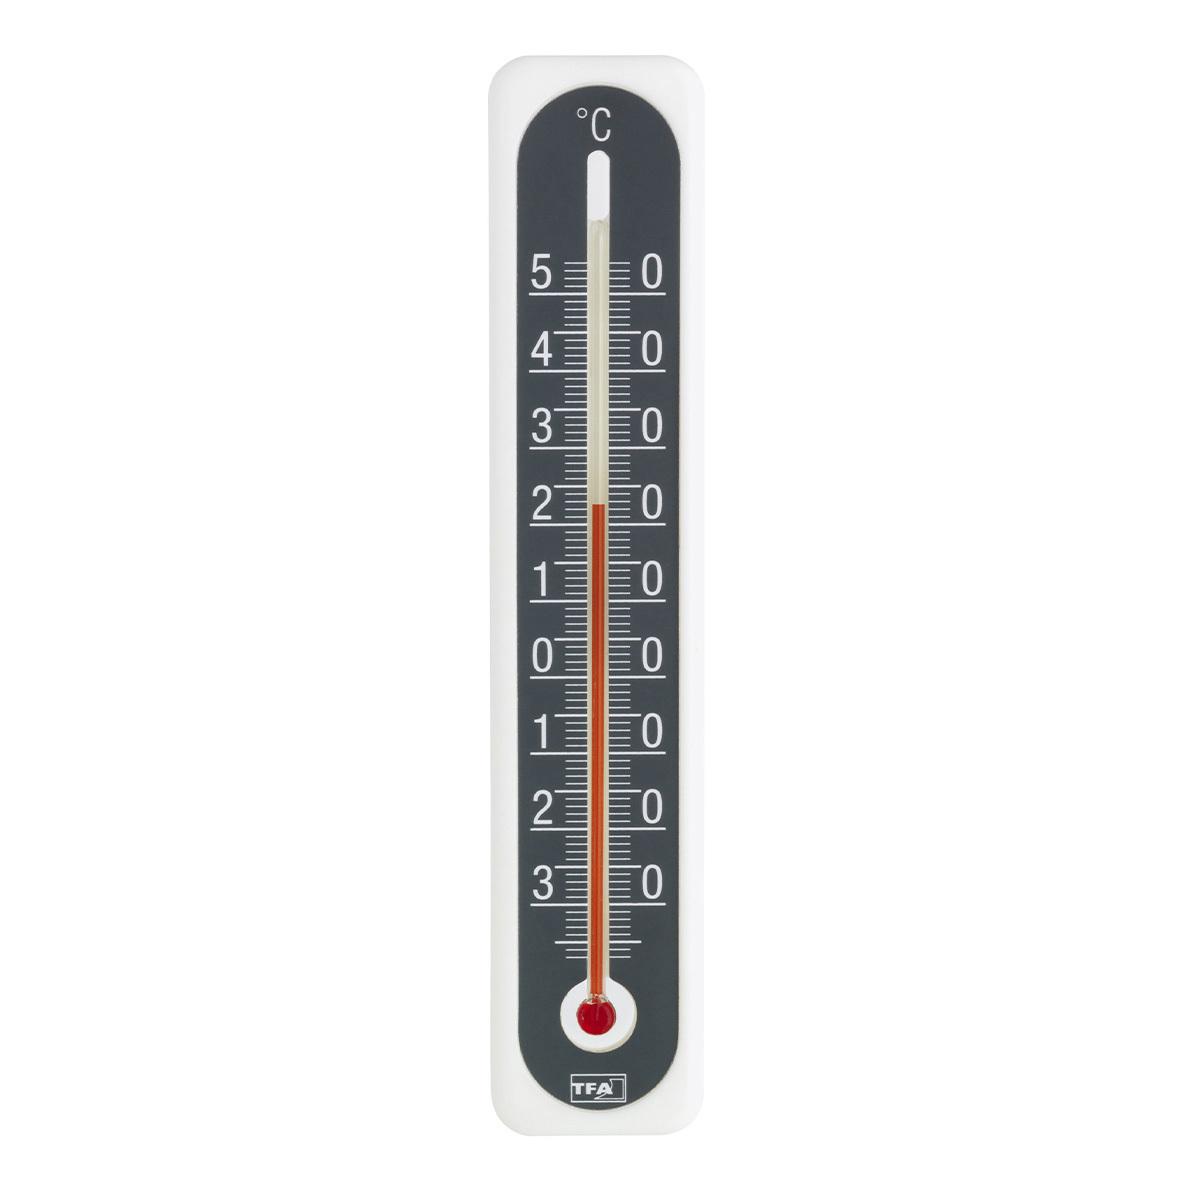 12-3049-10-analoges-innen-aussen-thermometer-1200x1200px.jpg